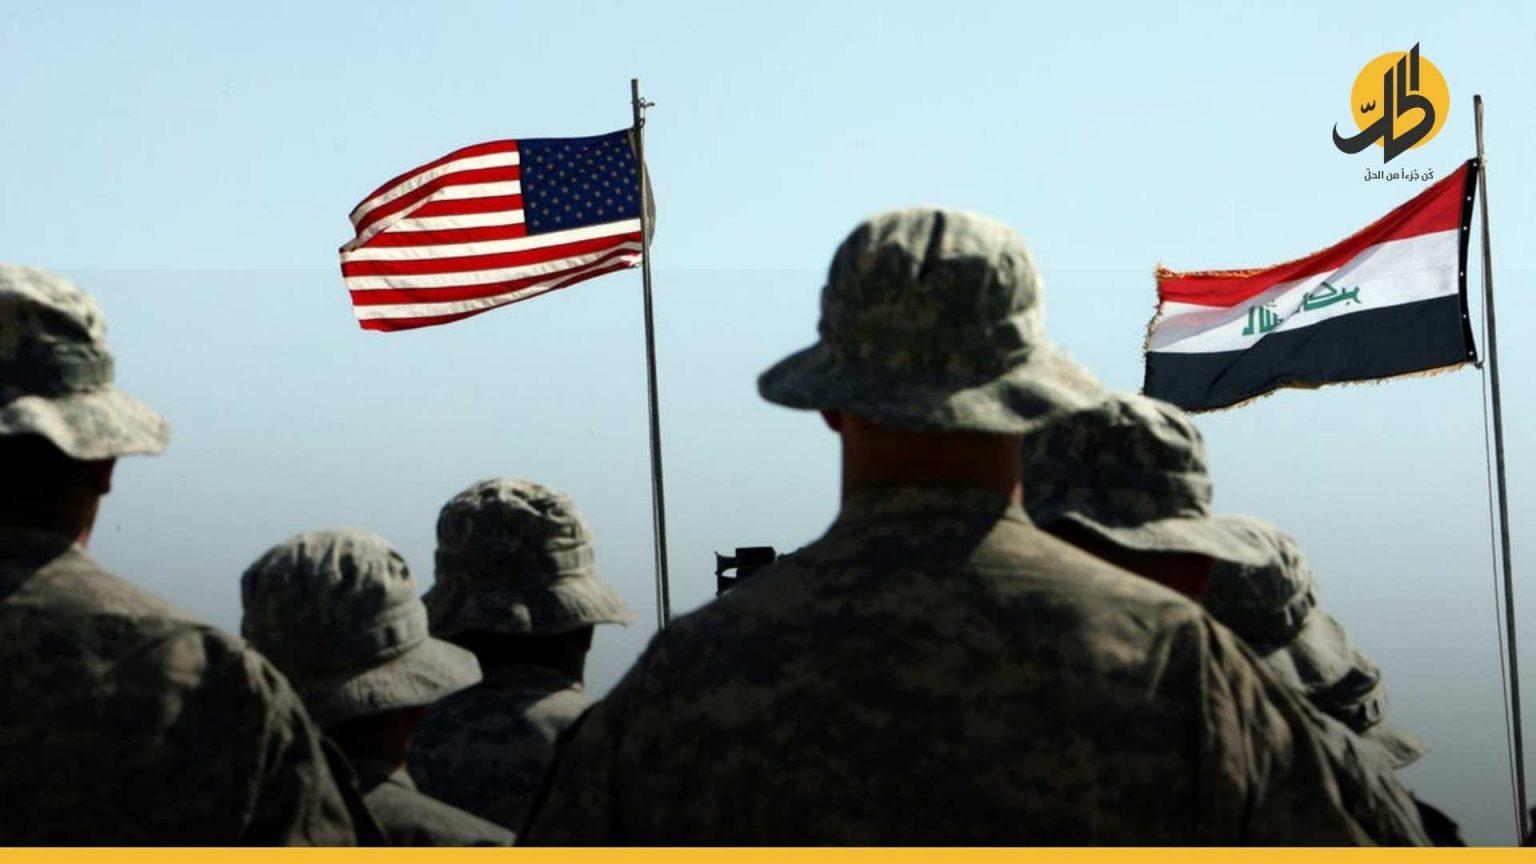 البيشمركة: انسحاب القوات الأميركية من العراق سيخلق فجوة بمواجهة الإرهاب